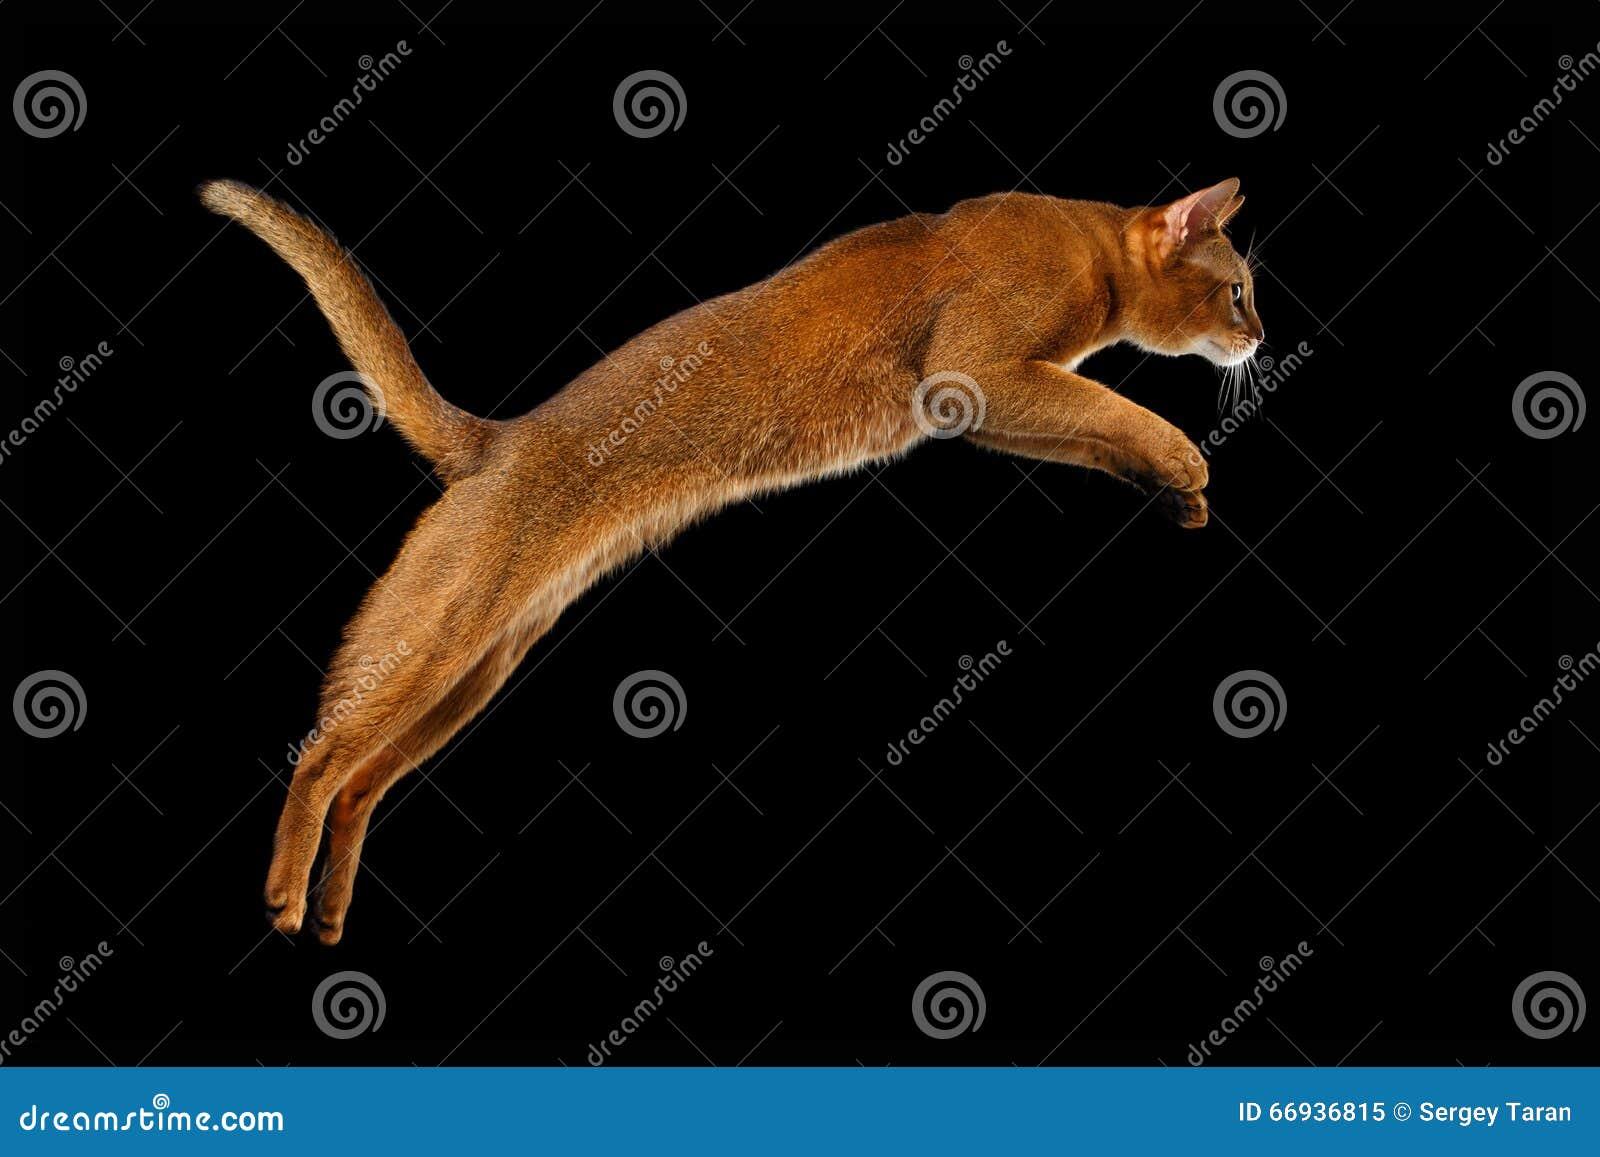 Close up que salta o gato Abyssinian no fundo preto no perfil